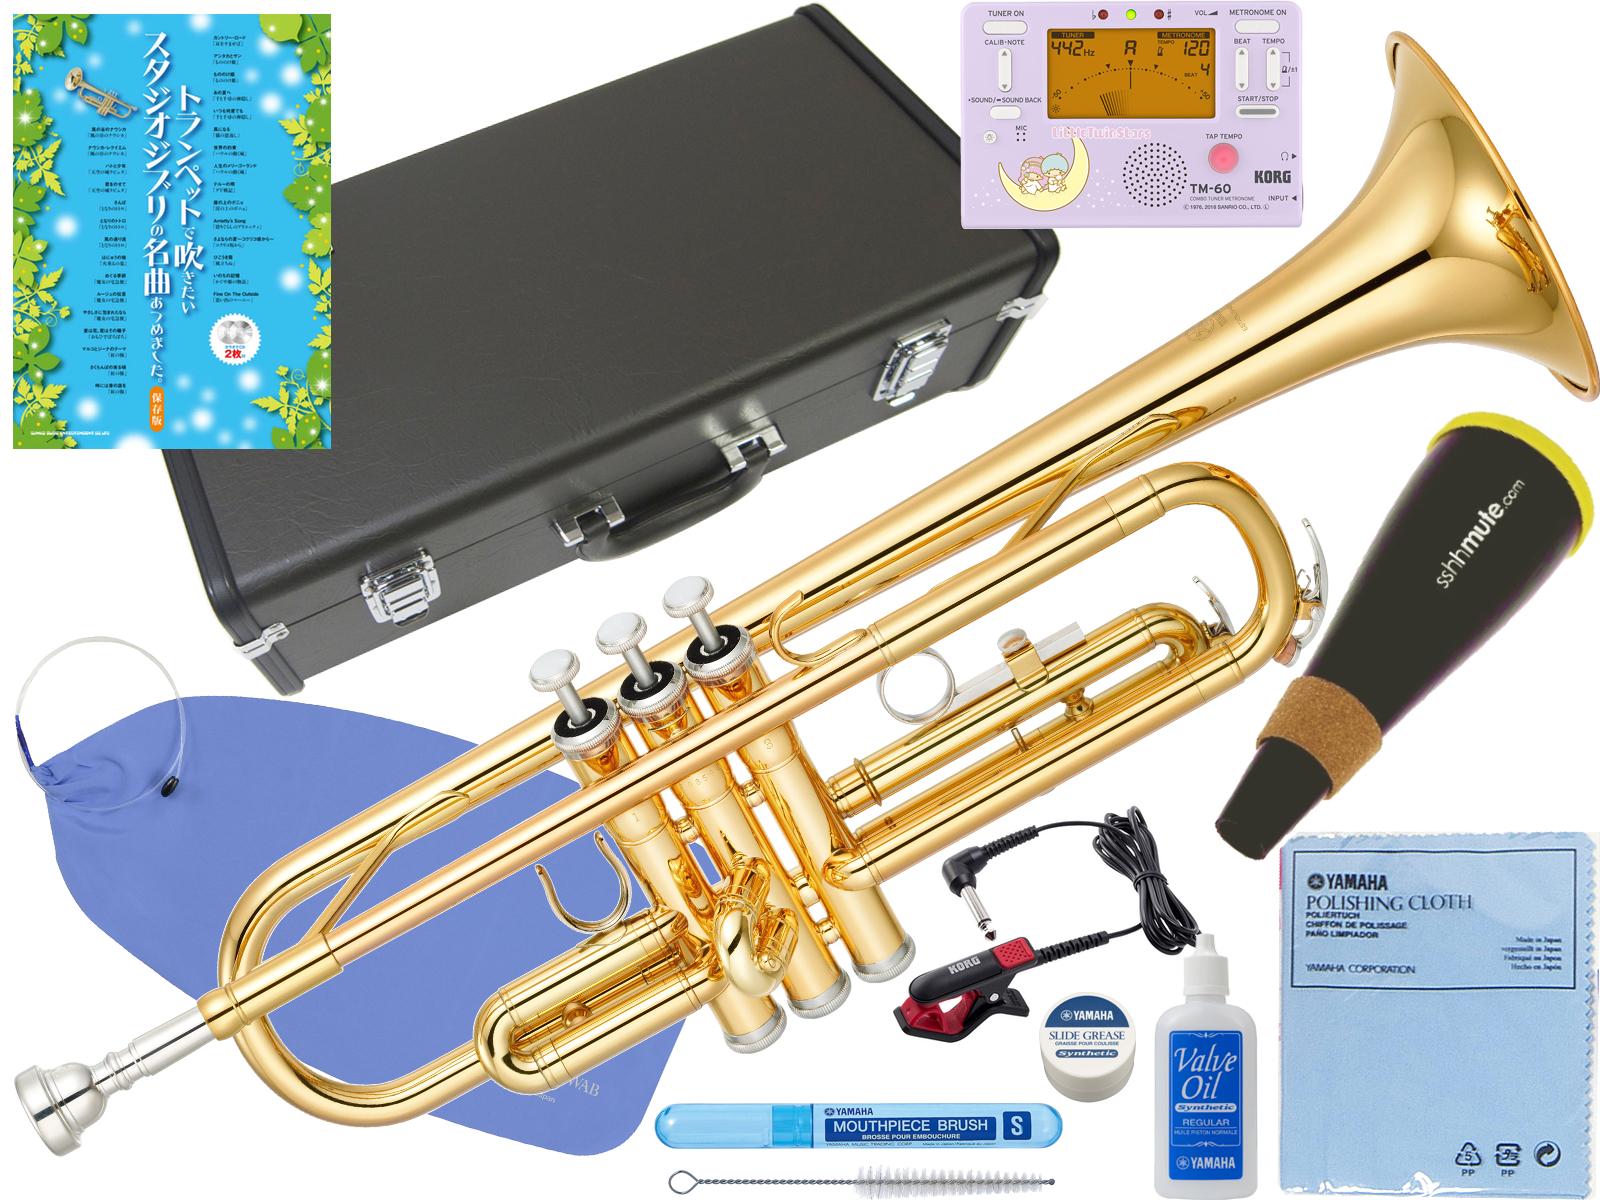 YAMAHA ( ヤマハ ) YTR-2330 ジブリで吹く トランペット 正規品 管楽器 B♭Trumpets YTR-2330-01 gold TM-60-STS キキララ セット 北海道 沖縄 離島不可